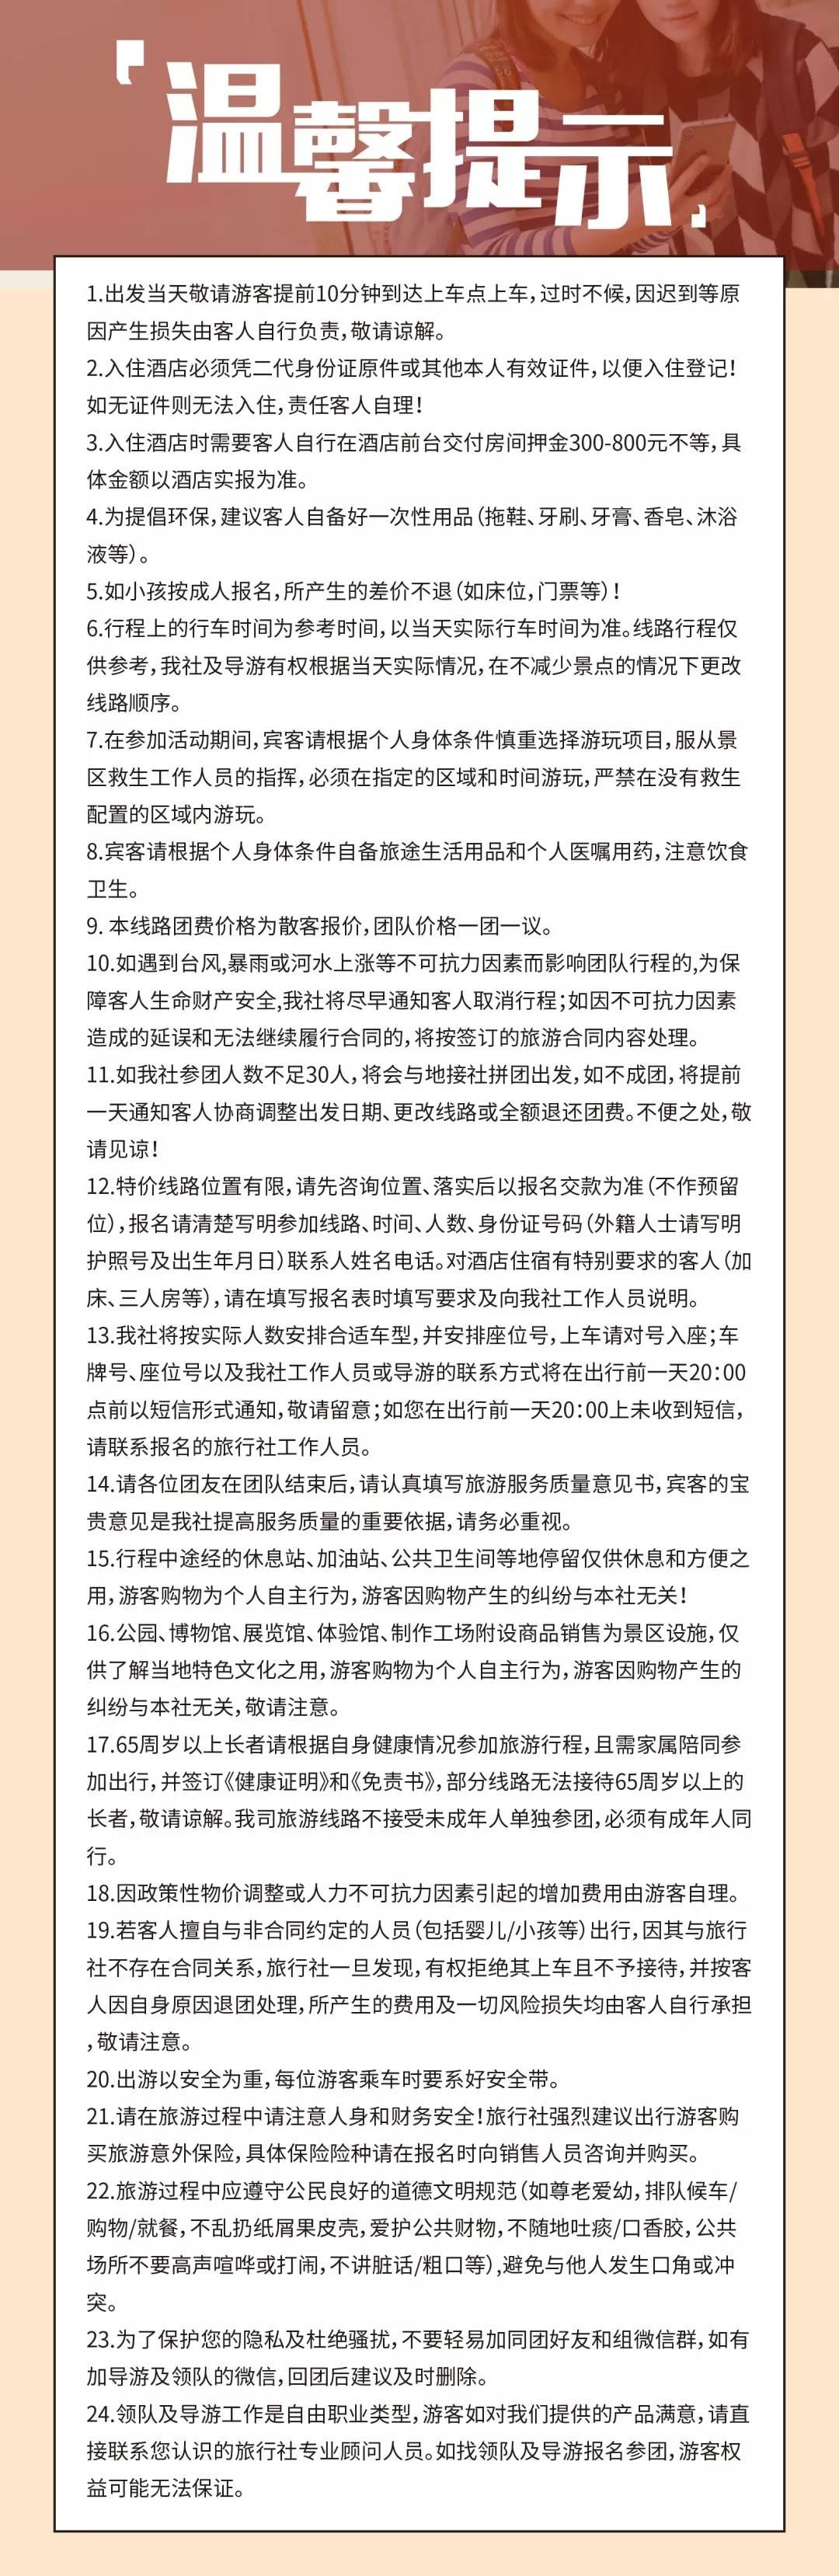 【10月天天出发 一人成团】 仅需239元/人 广州-龙门温泉直通车2天游(入住南昆山温泉大观园)